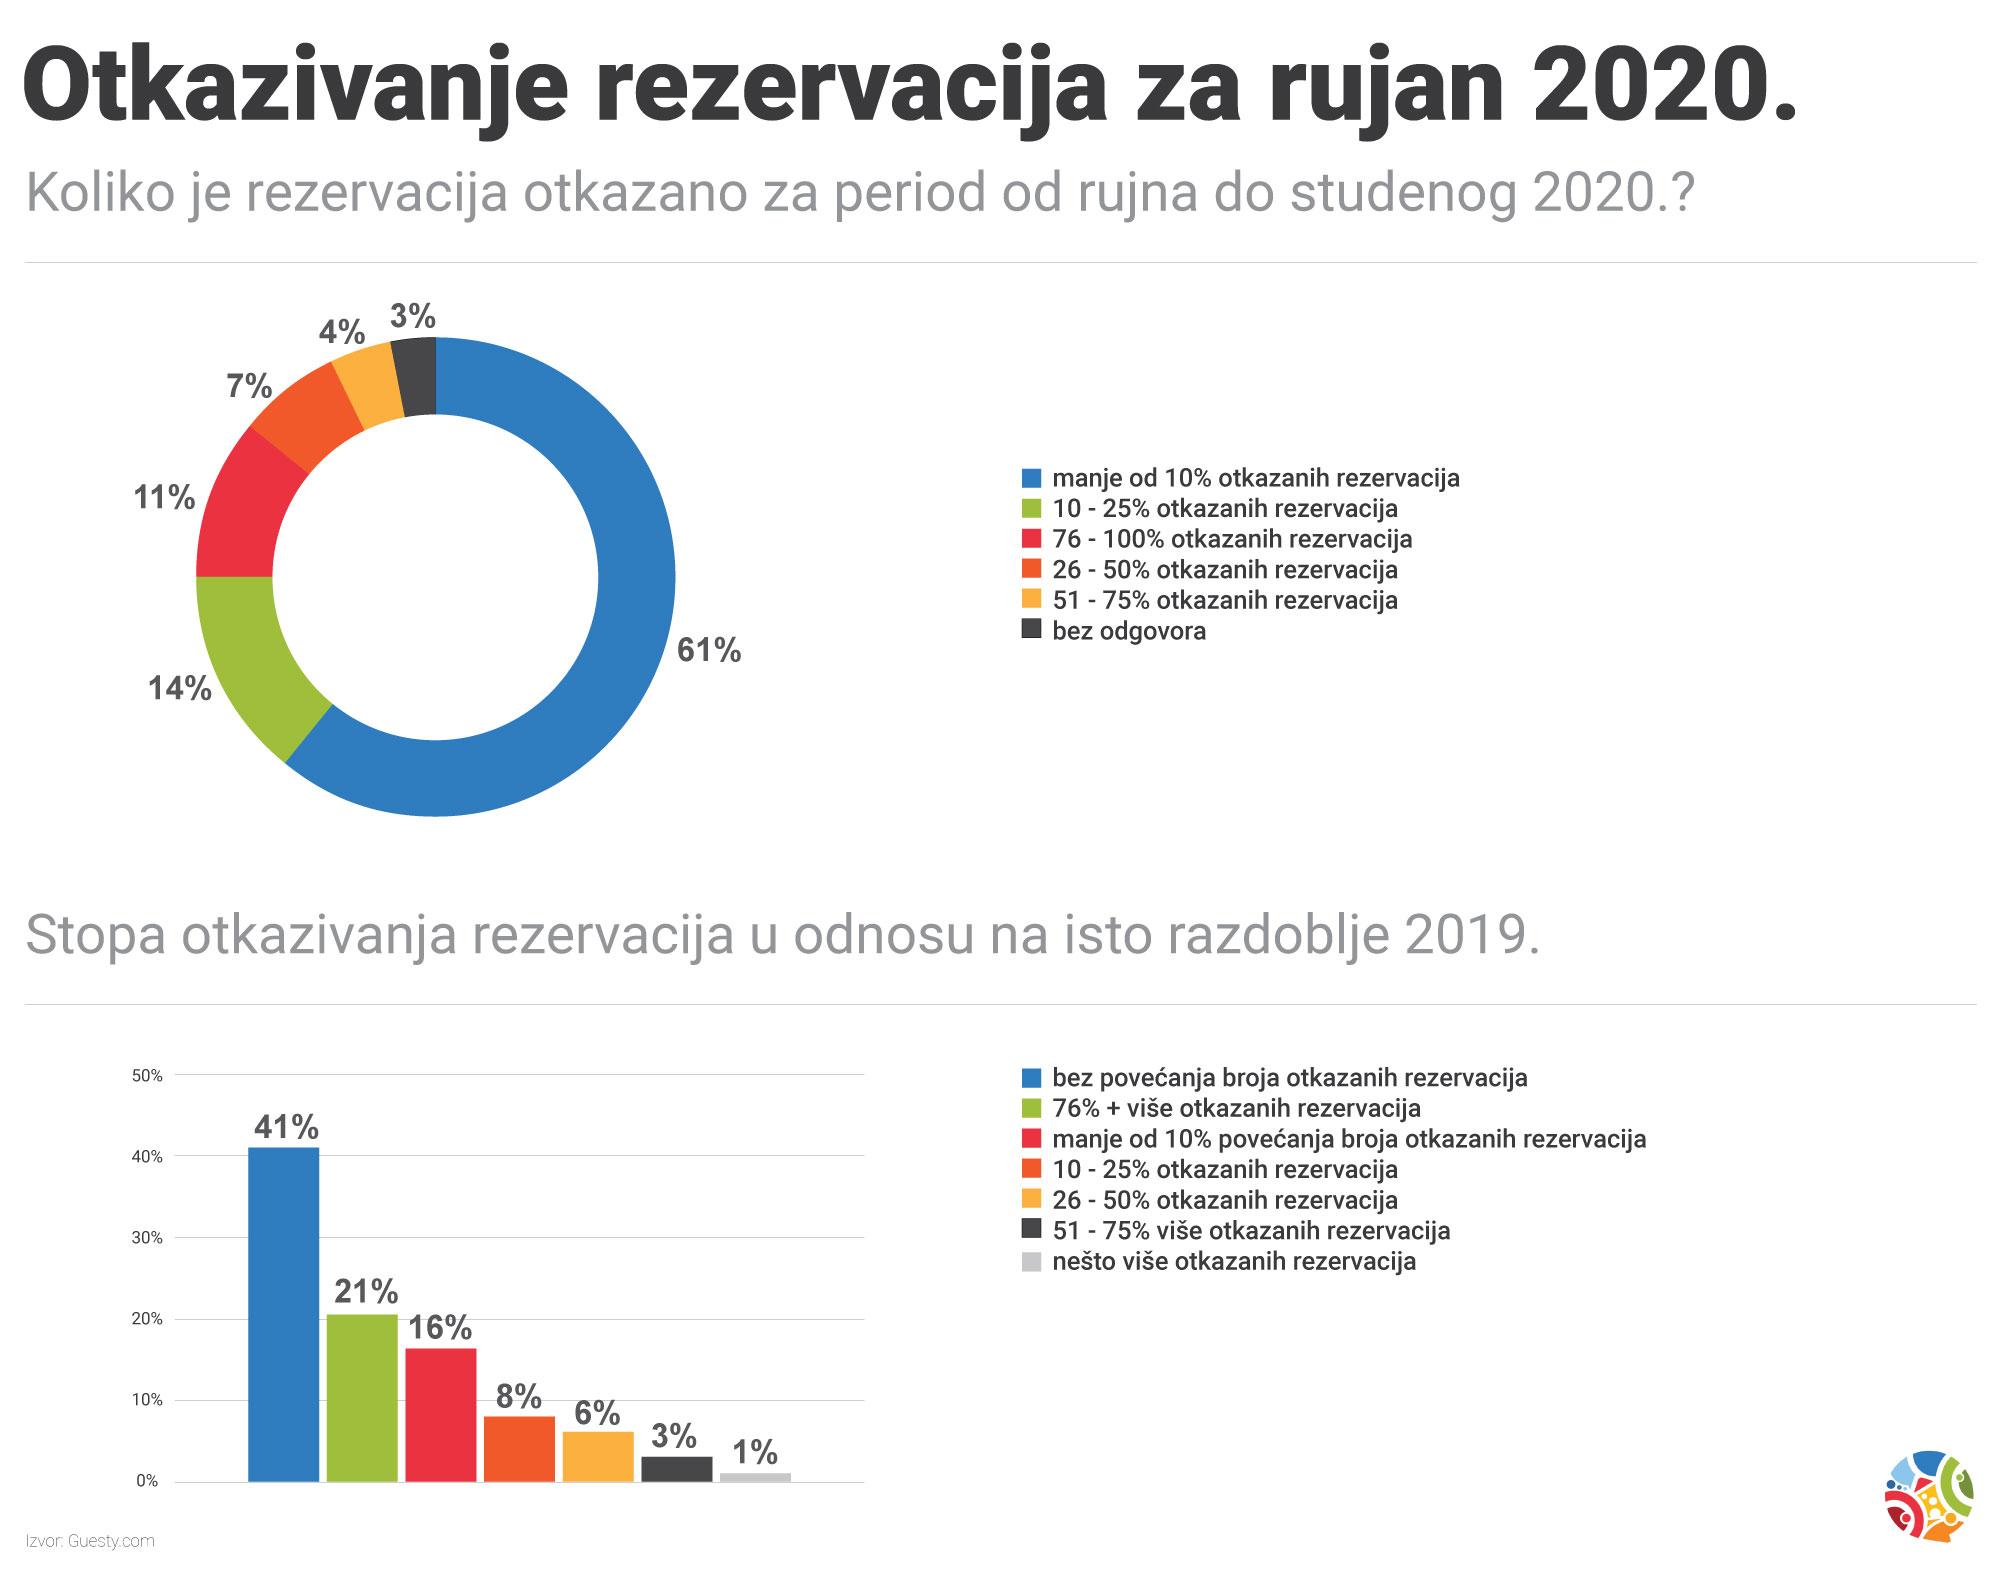 otkazivanje rezervacija 2020